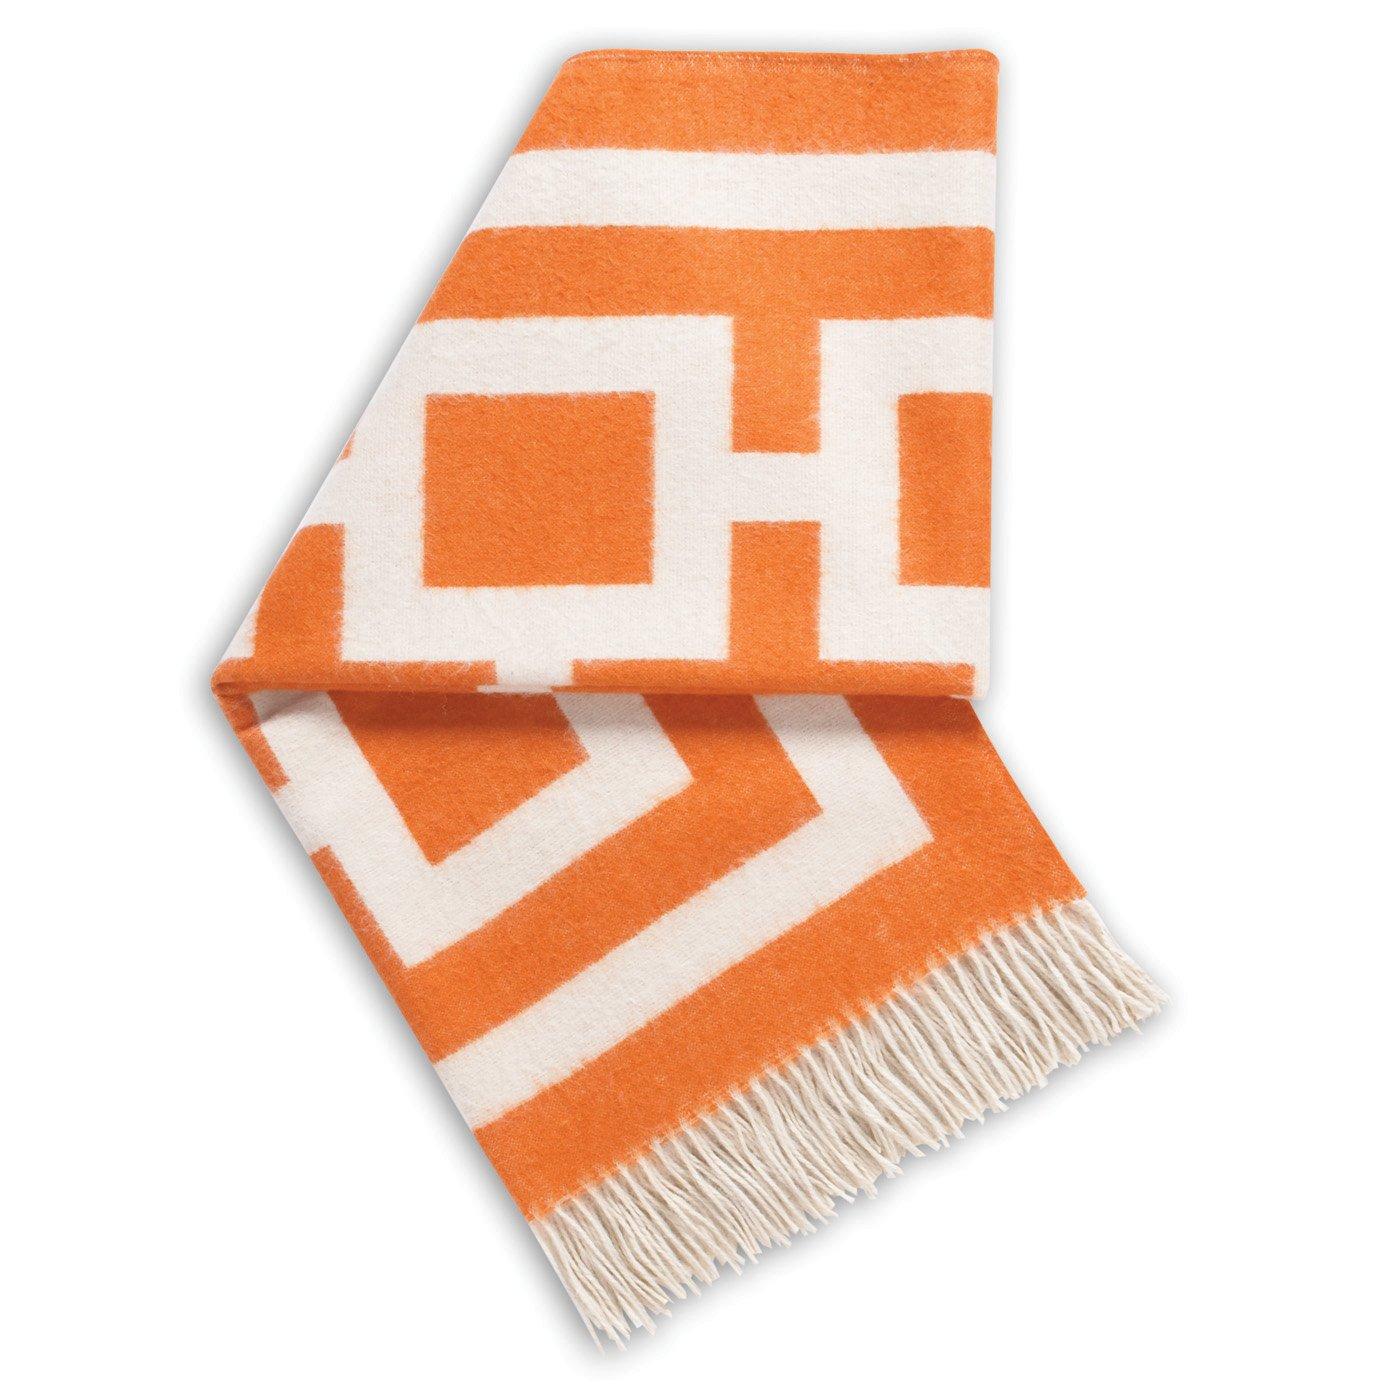 Jonathan Adler Richard Nixon Throw, Orange/Natural